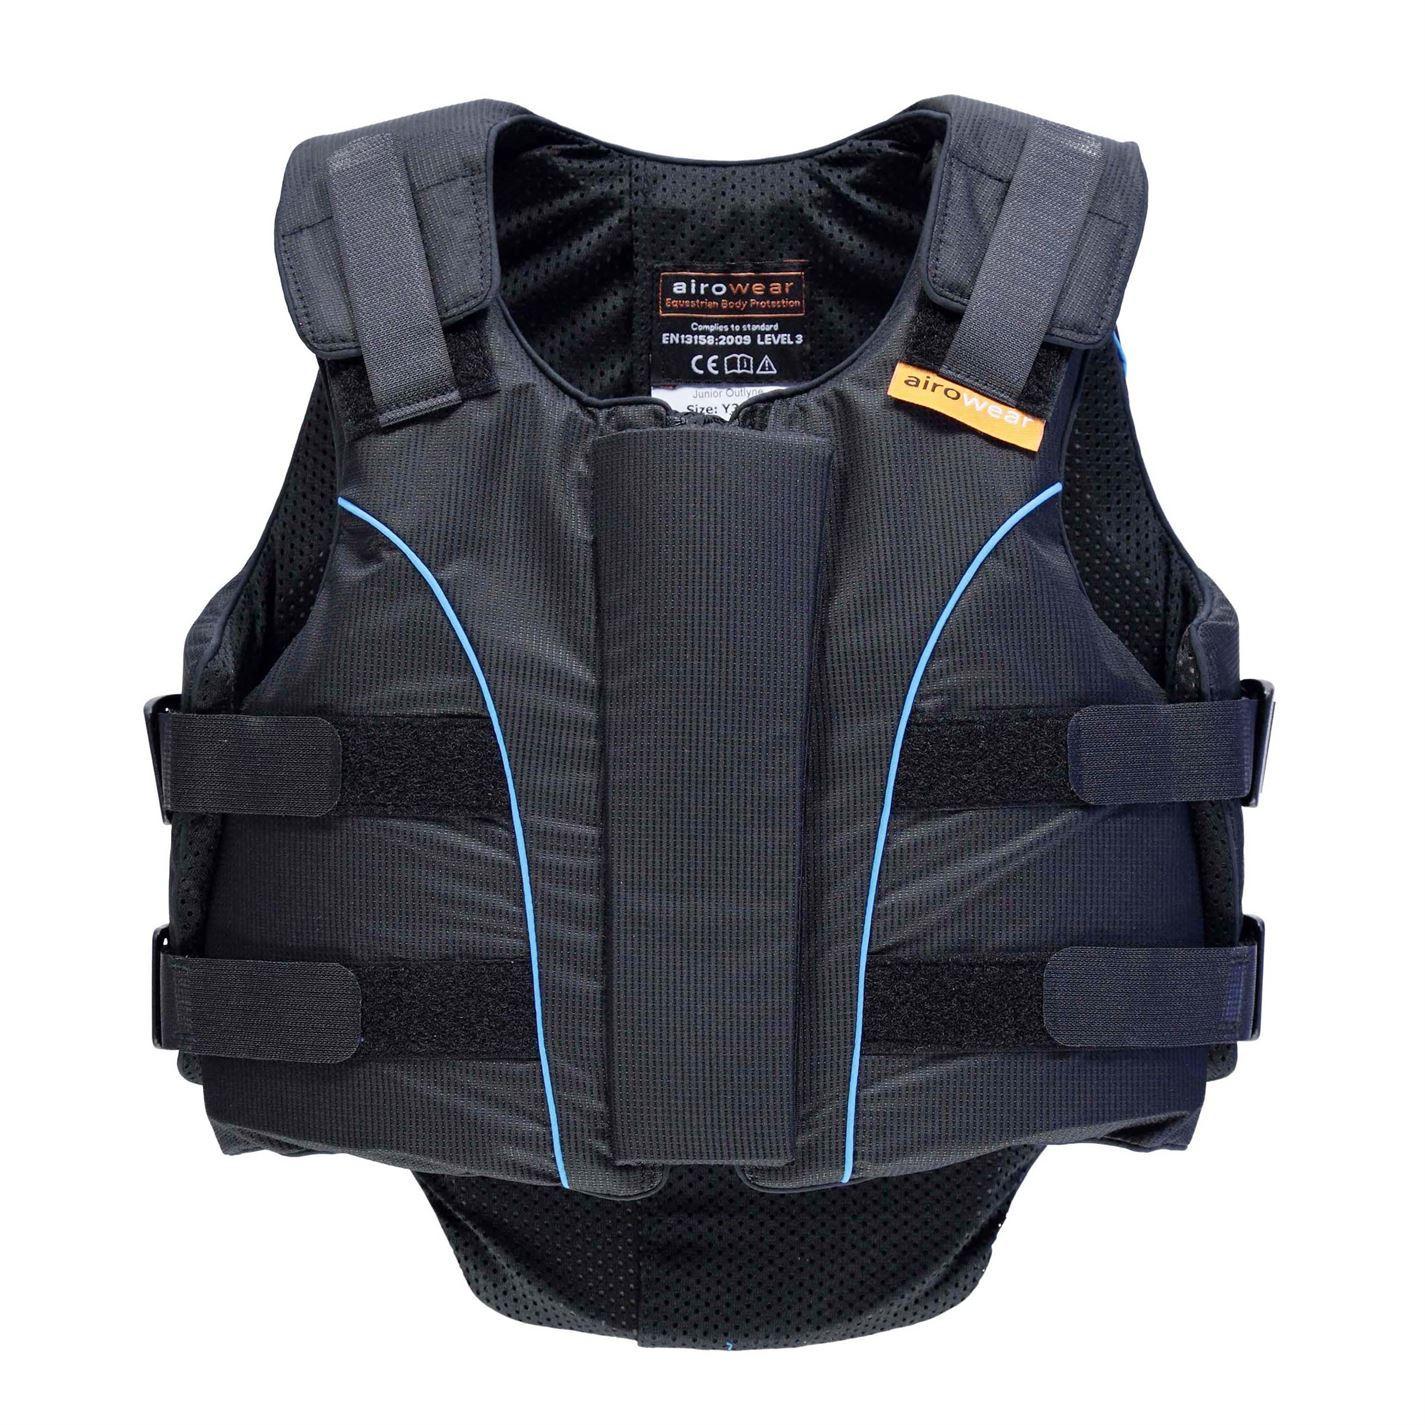 Airowear niños Junior outlyne Cuerpo Protector Junior niños Rider protección Ligero Cremallera 367a02